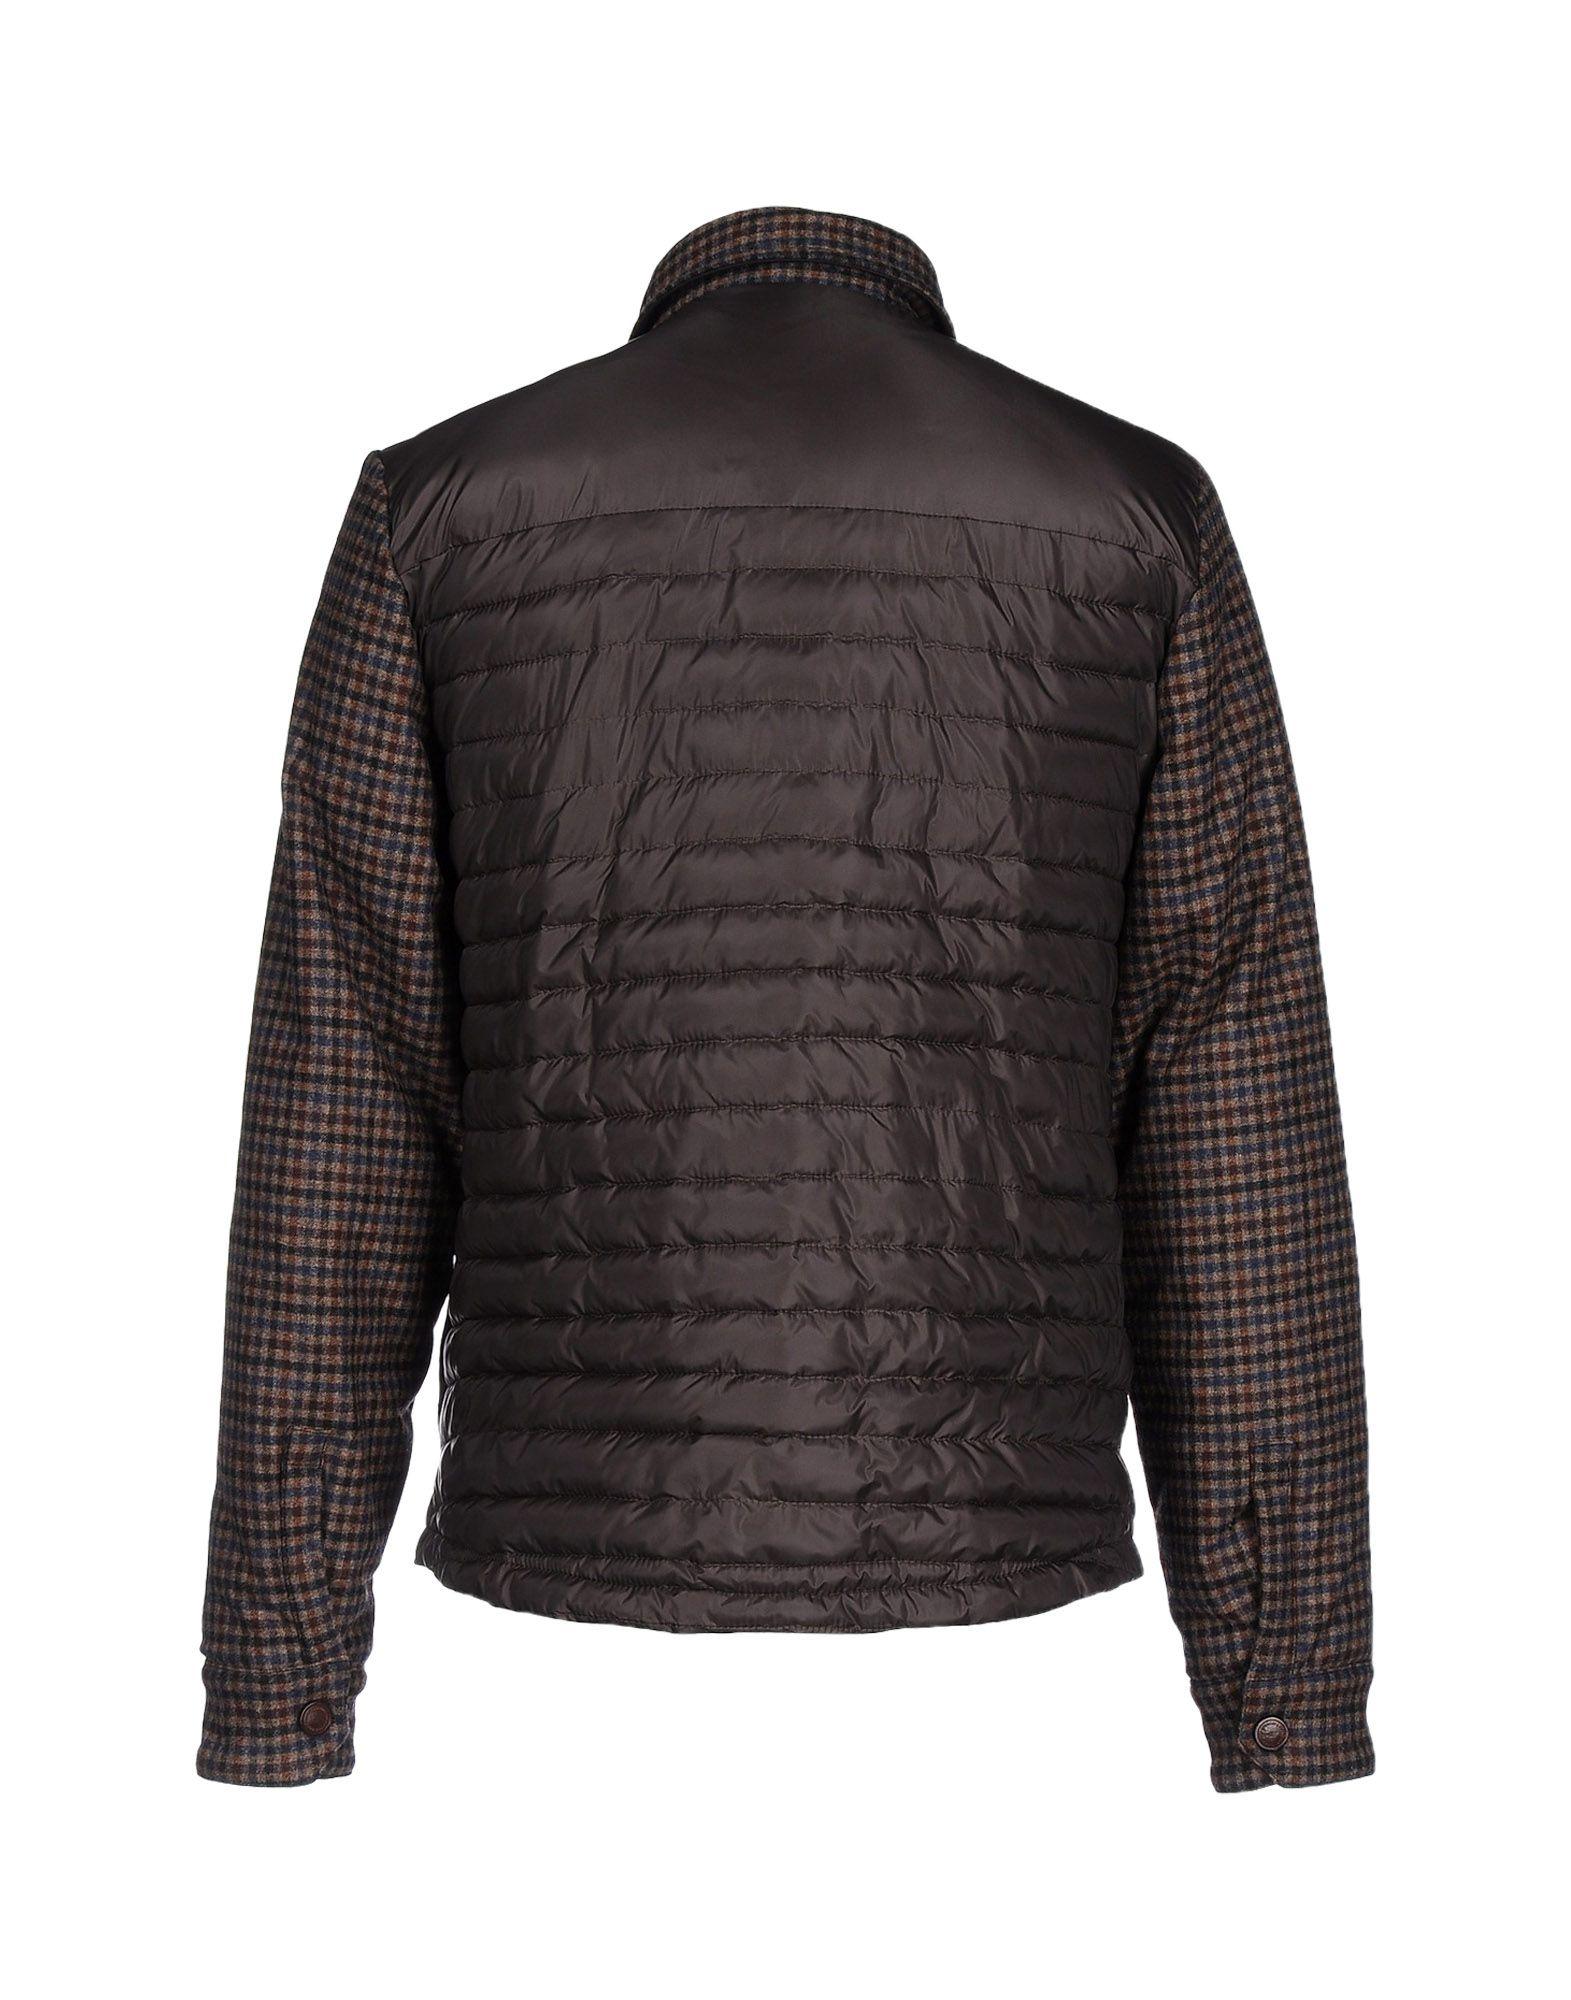 harmont and blaine jacket - photo #17